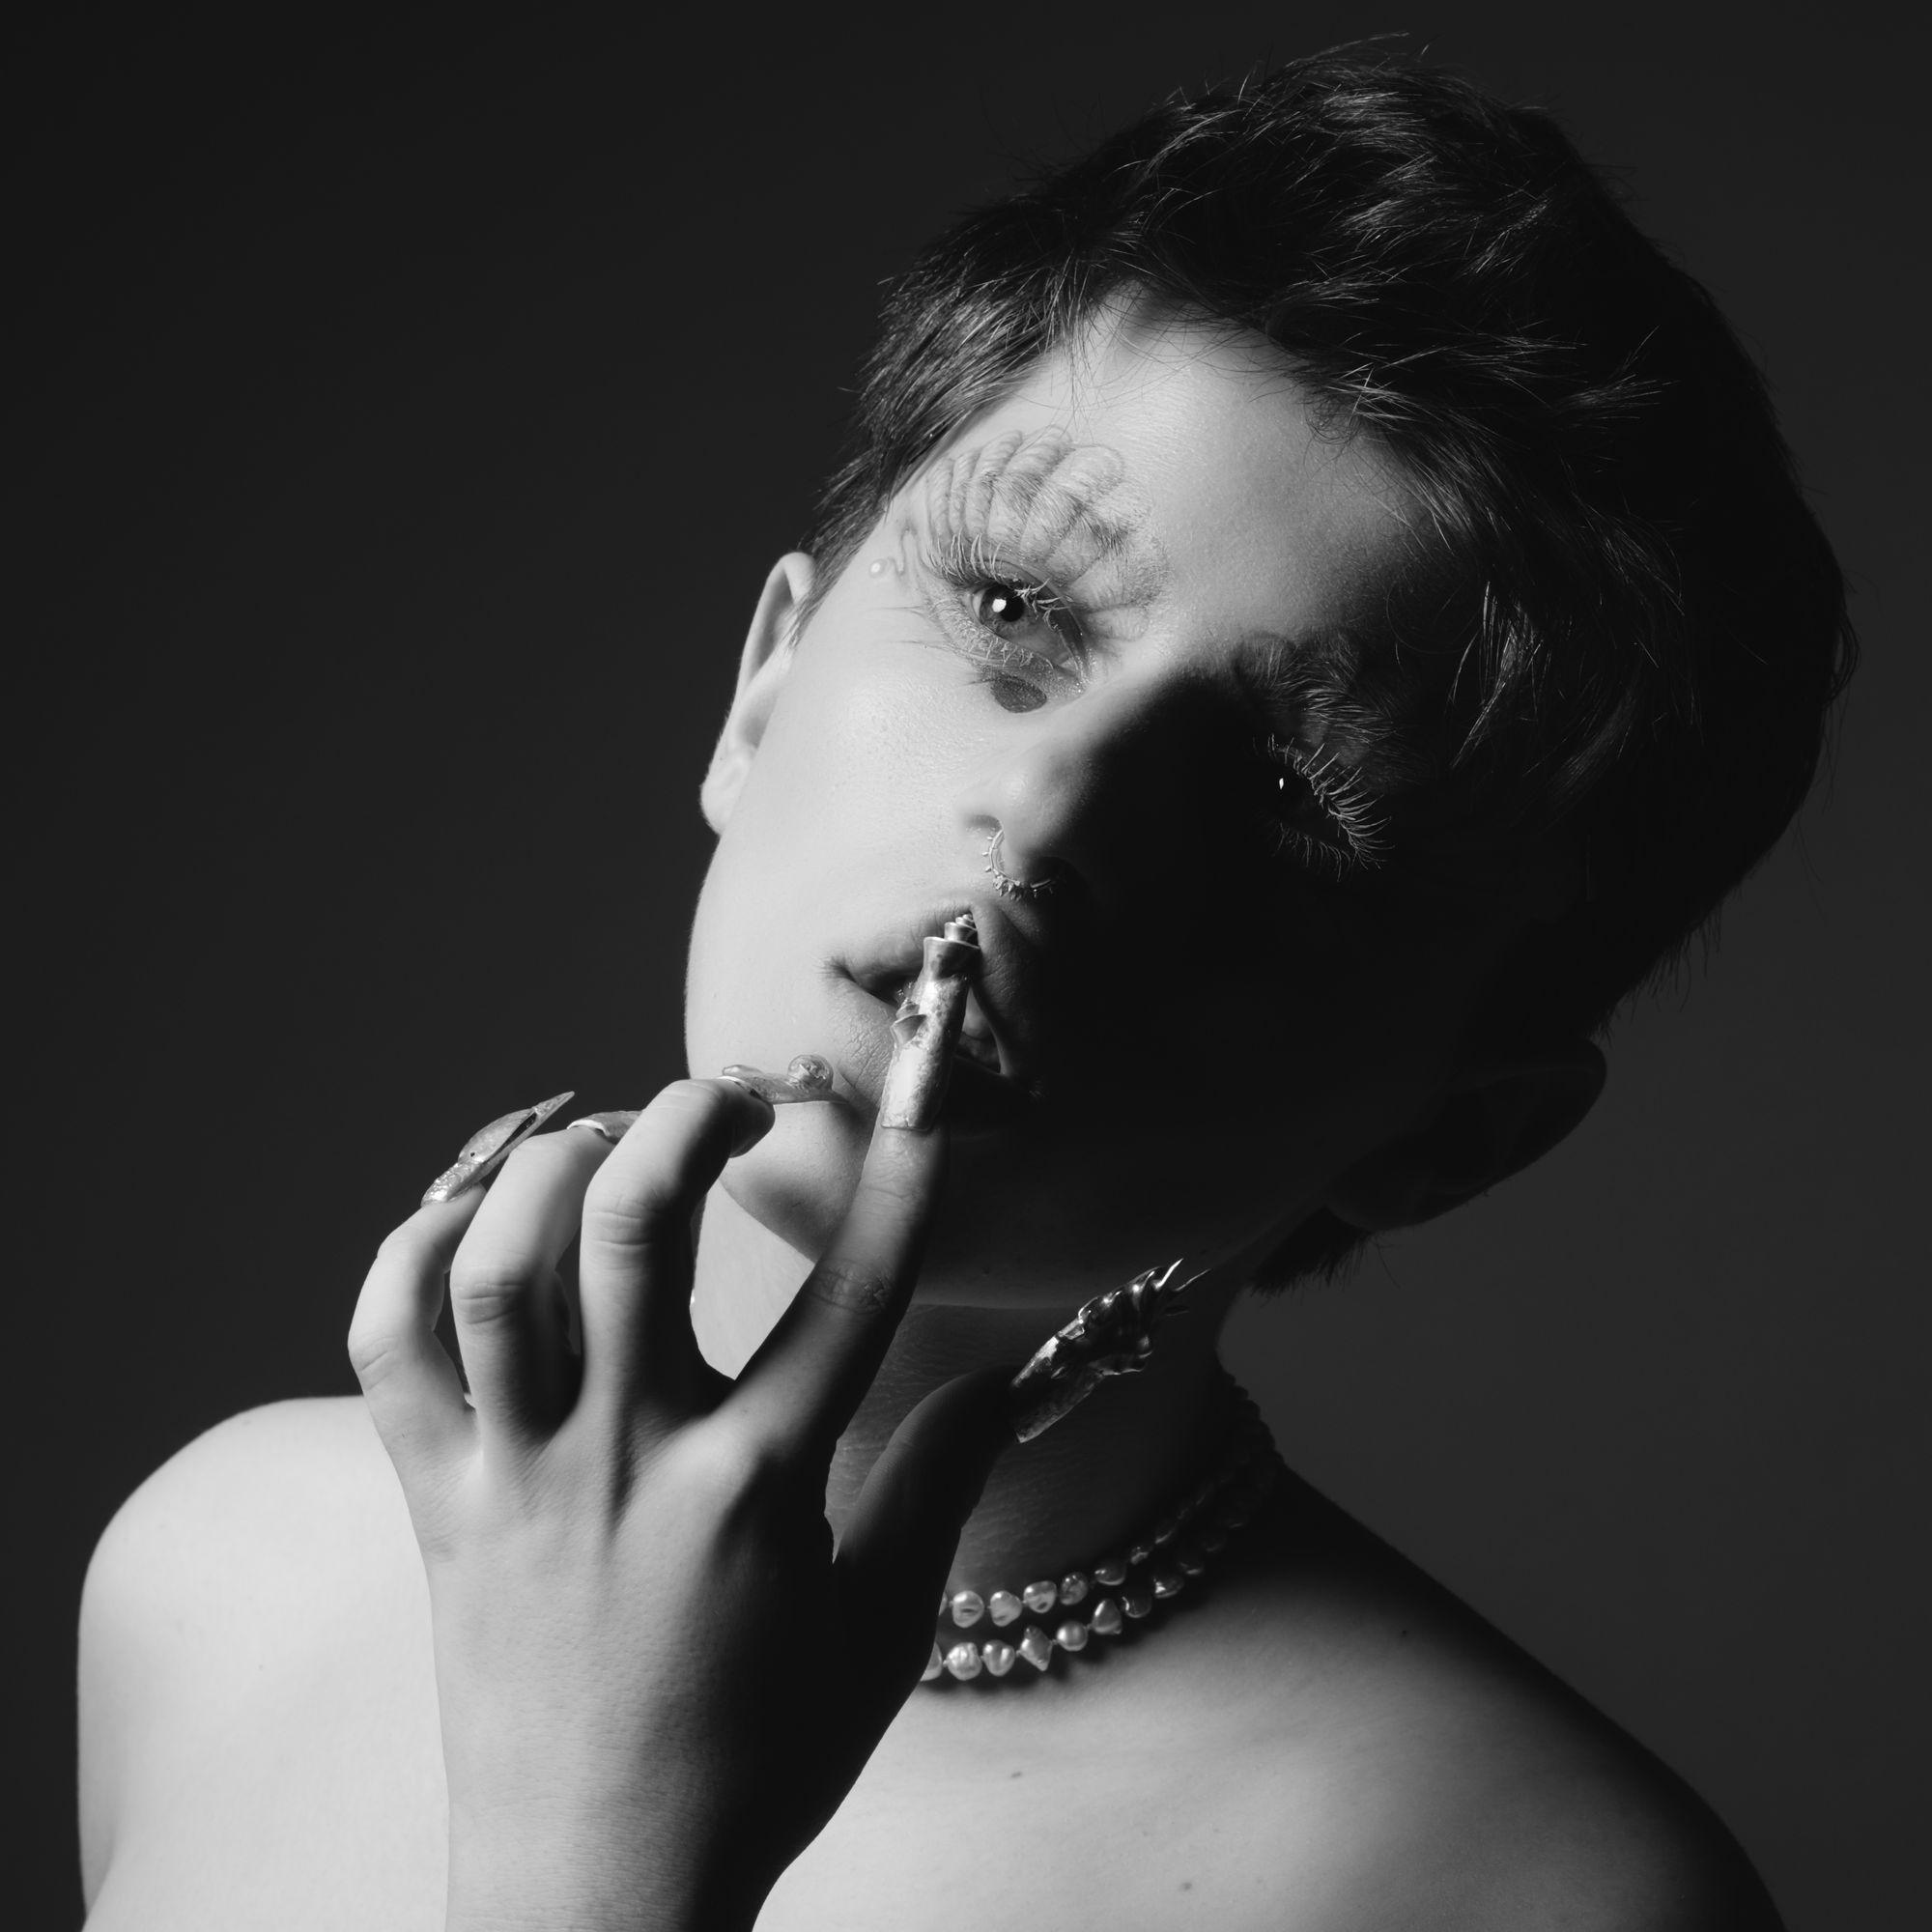 Julian Stoller/makeup & visual artist, 2021